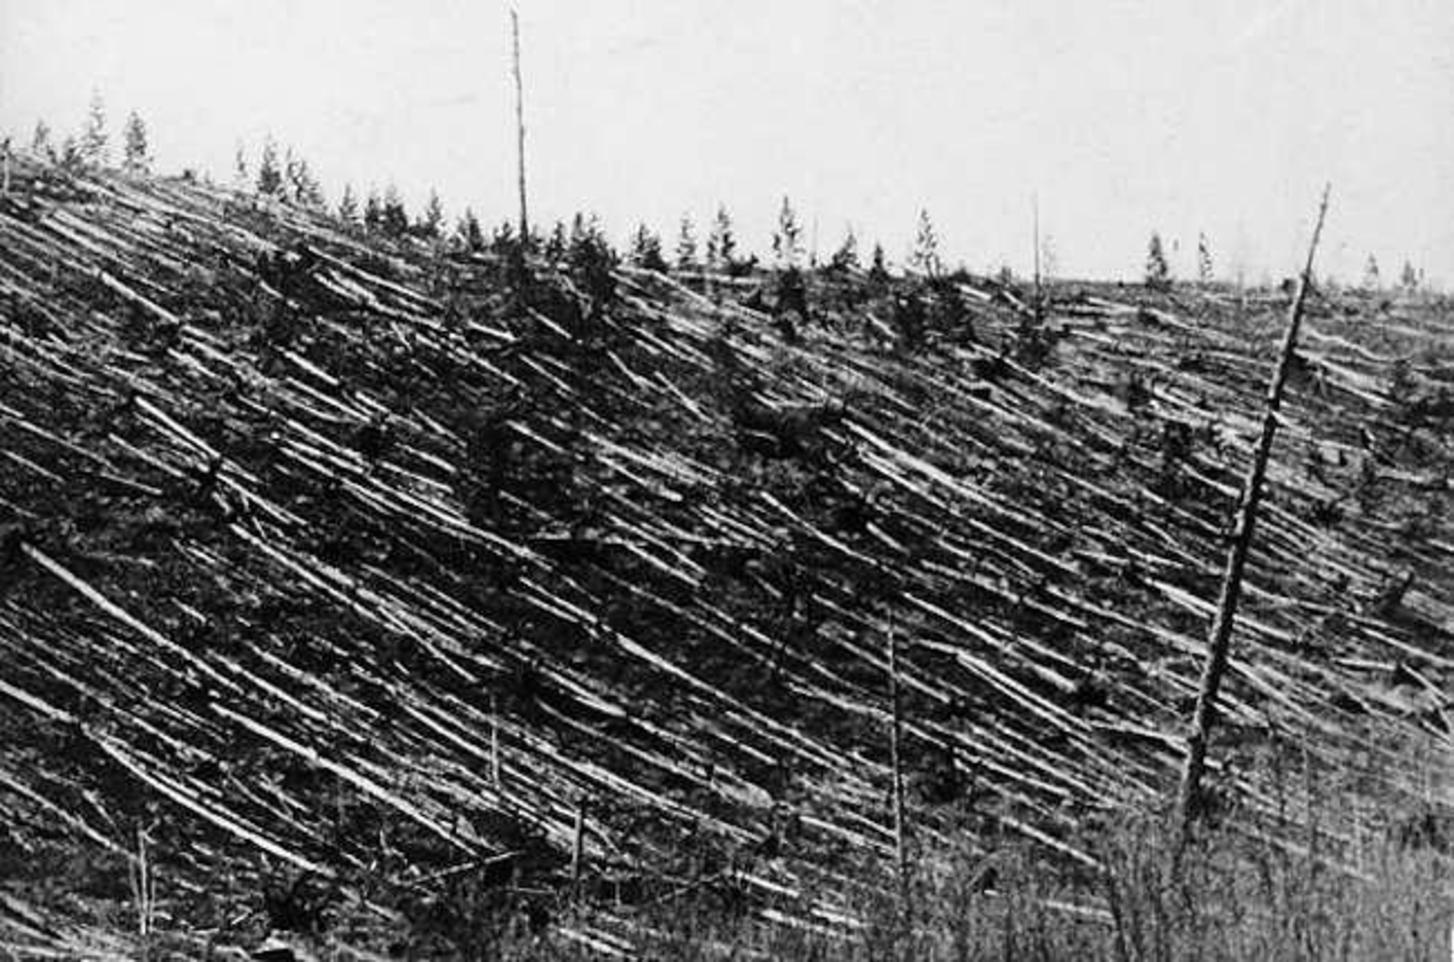 Δέντρα κτυπημένα από το ωστικό κύμα της εκρήξεως της Τουγκούσκα. Φωτογραφία από την αποστολή του Κούλικ (1927)